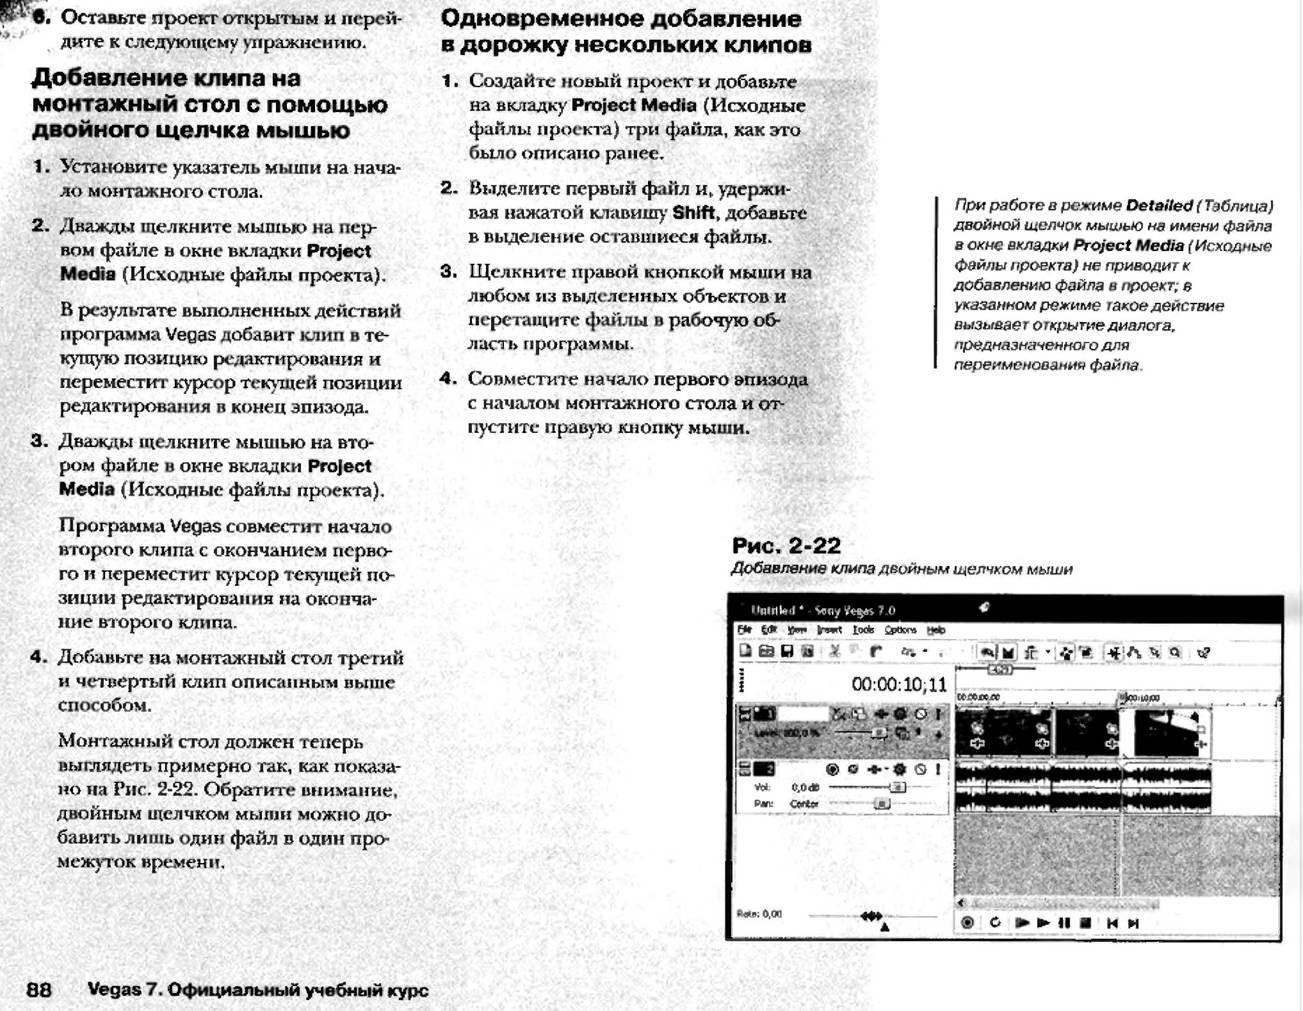 http://redaktori-uroki.3dn.ru/_ph/12/655704841.jpg